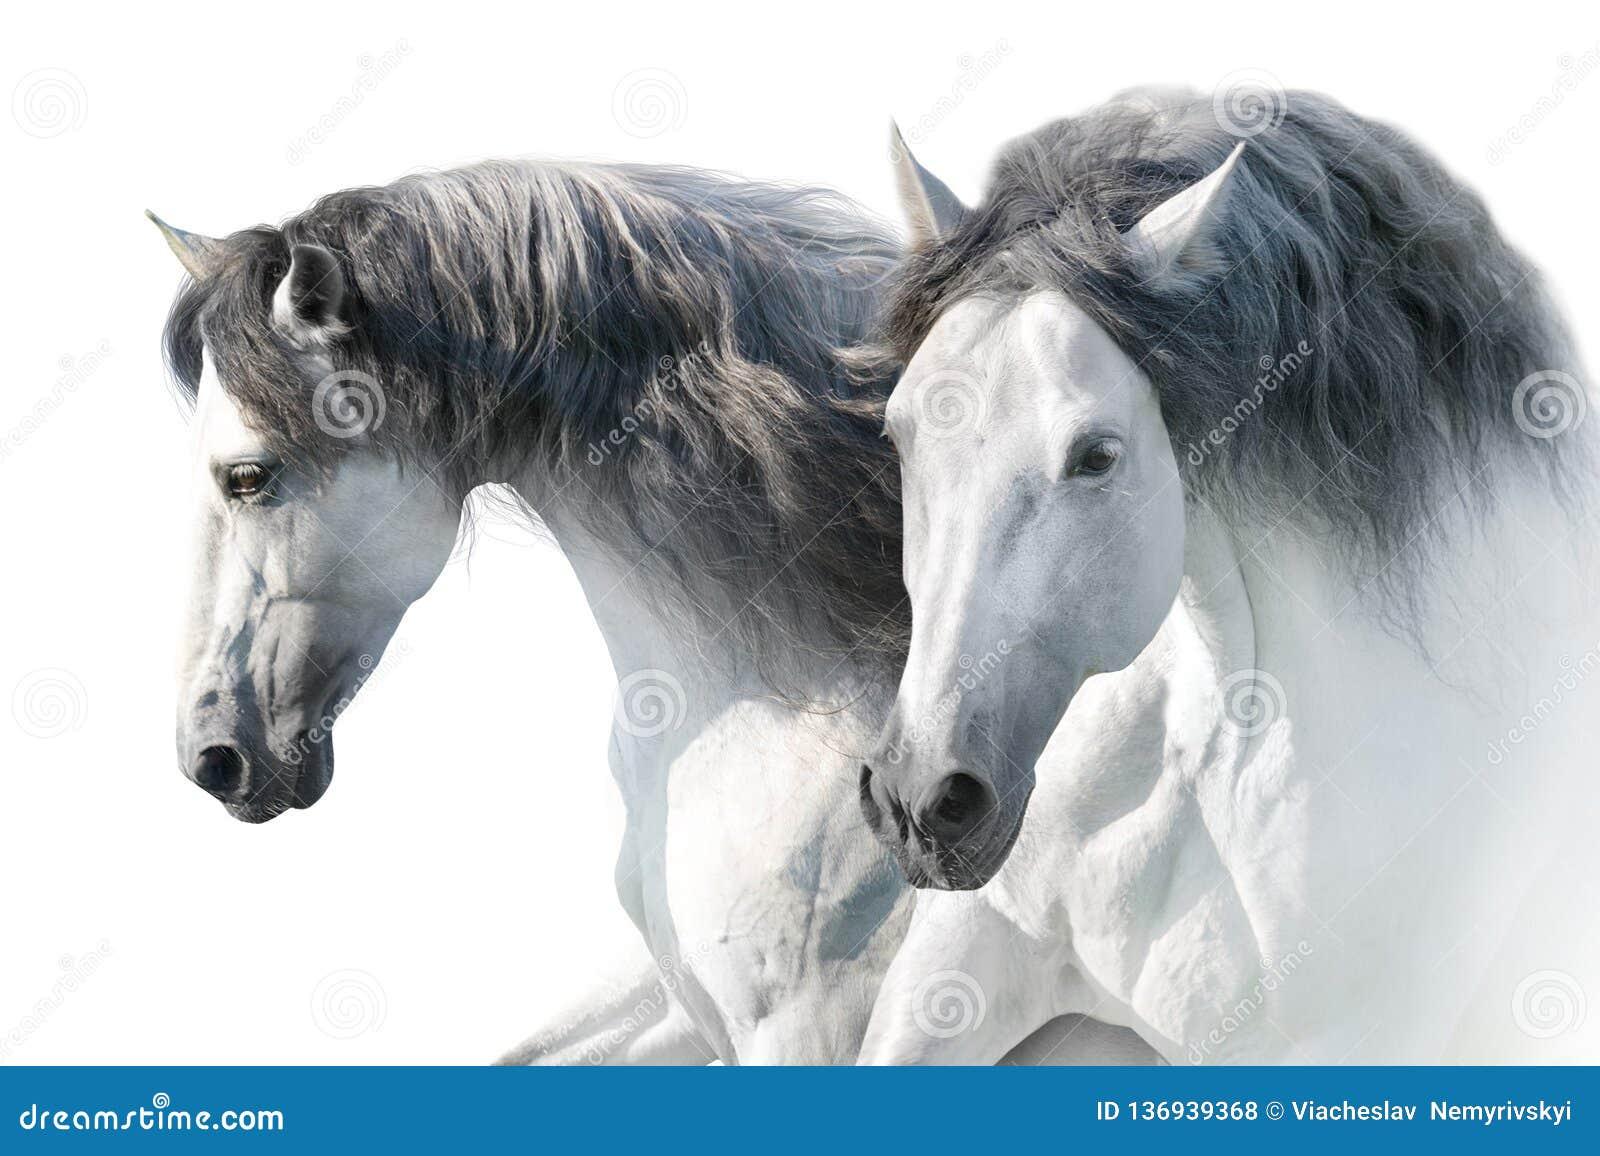 Белые лошади в светлом тоновом изображении